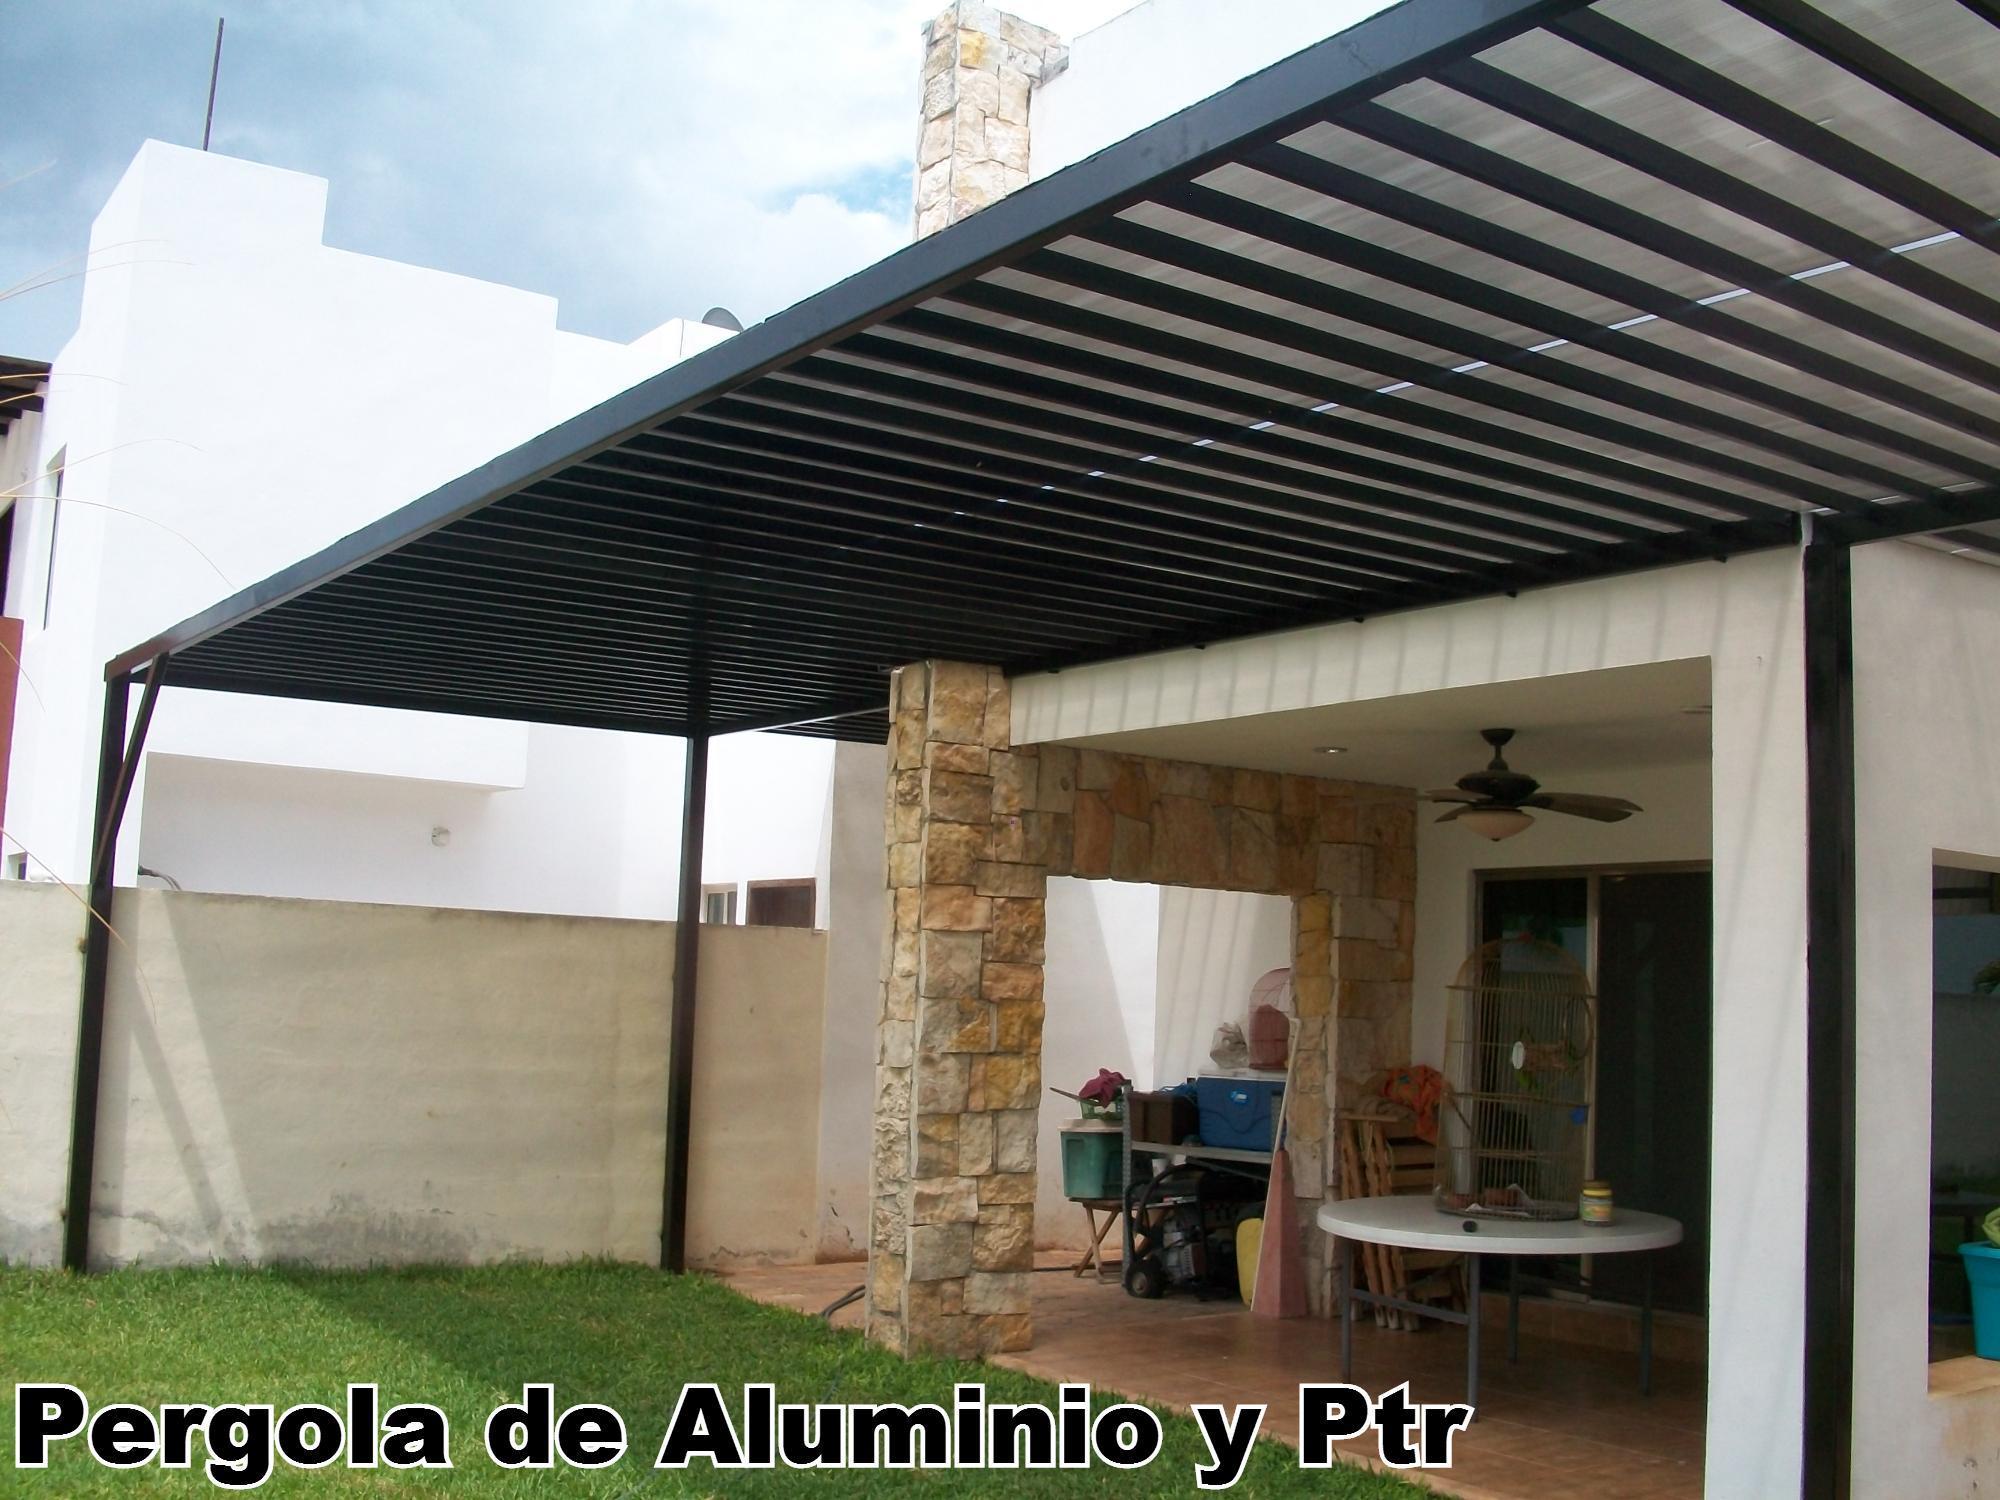 30 model pergolas metalicas con policarbonato - Techos de aluminio para terrazas ...